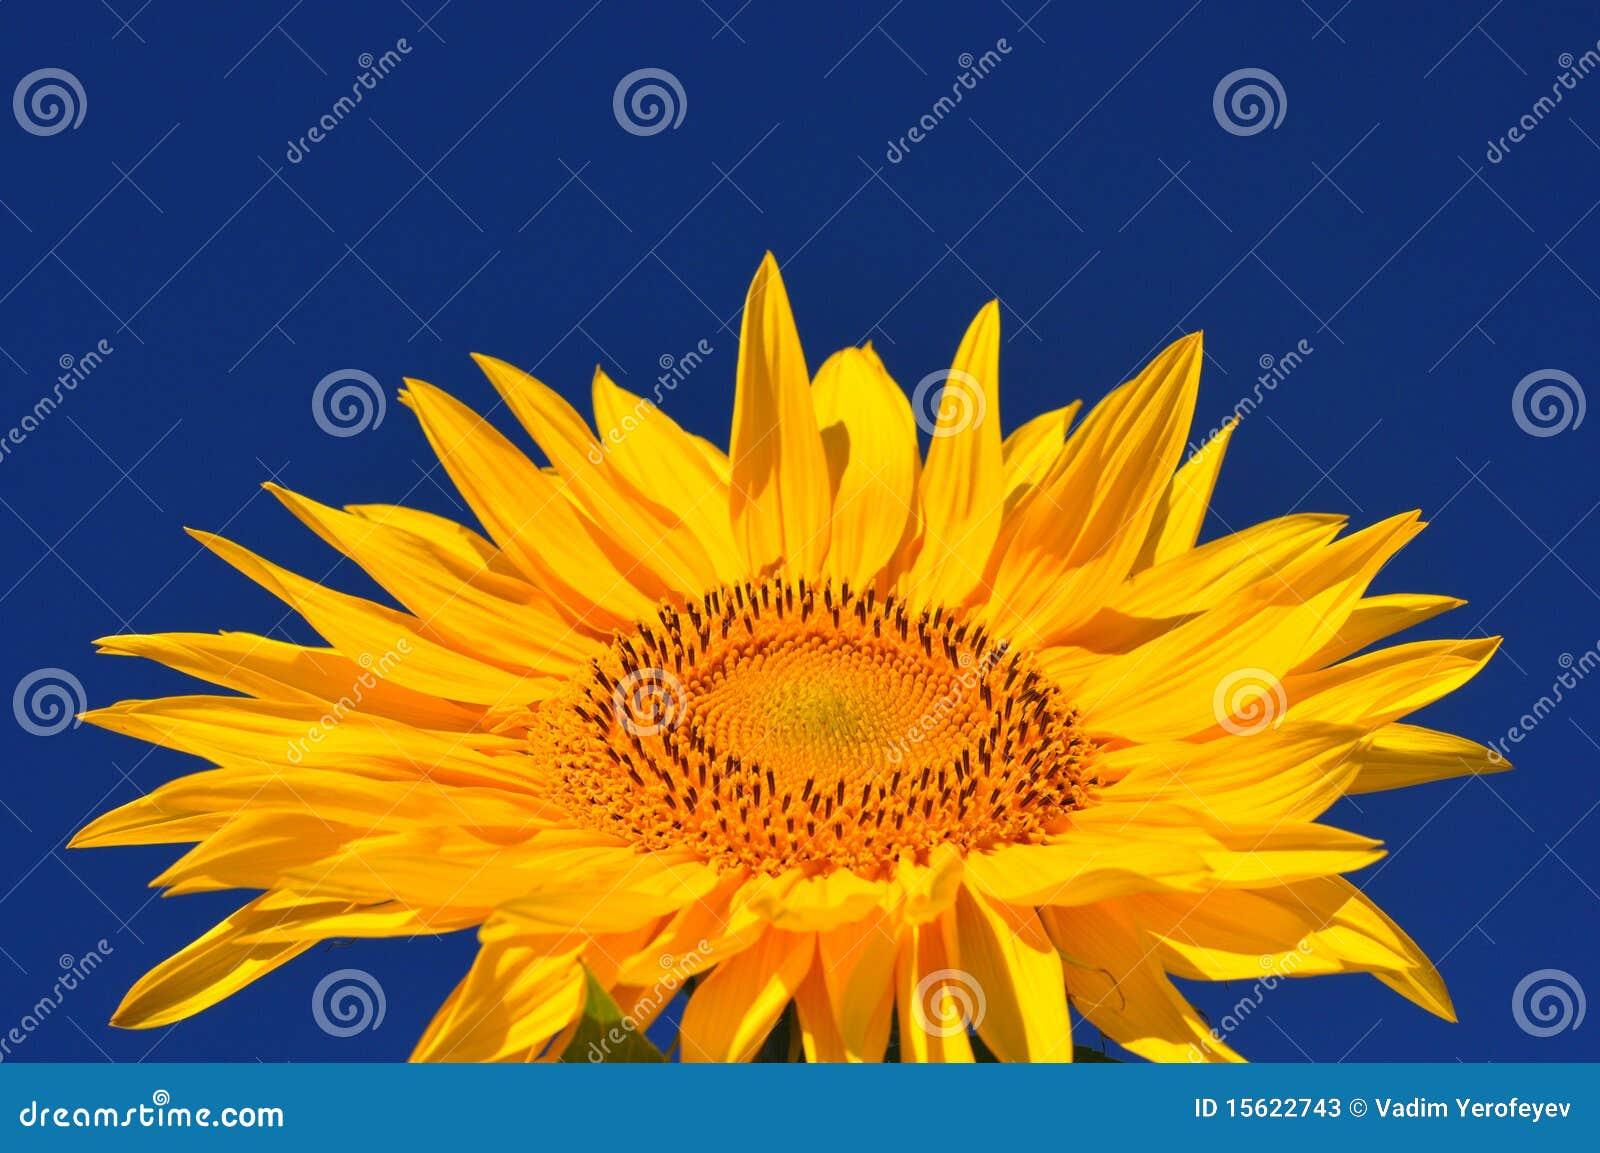 Ausgezeichnet Sonnenblumen Färbung Bilder Zeitgenössisch - Entry ...